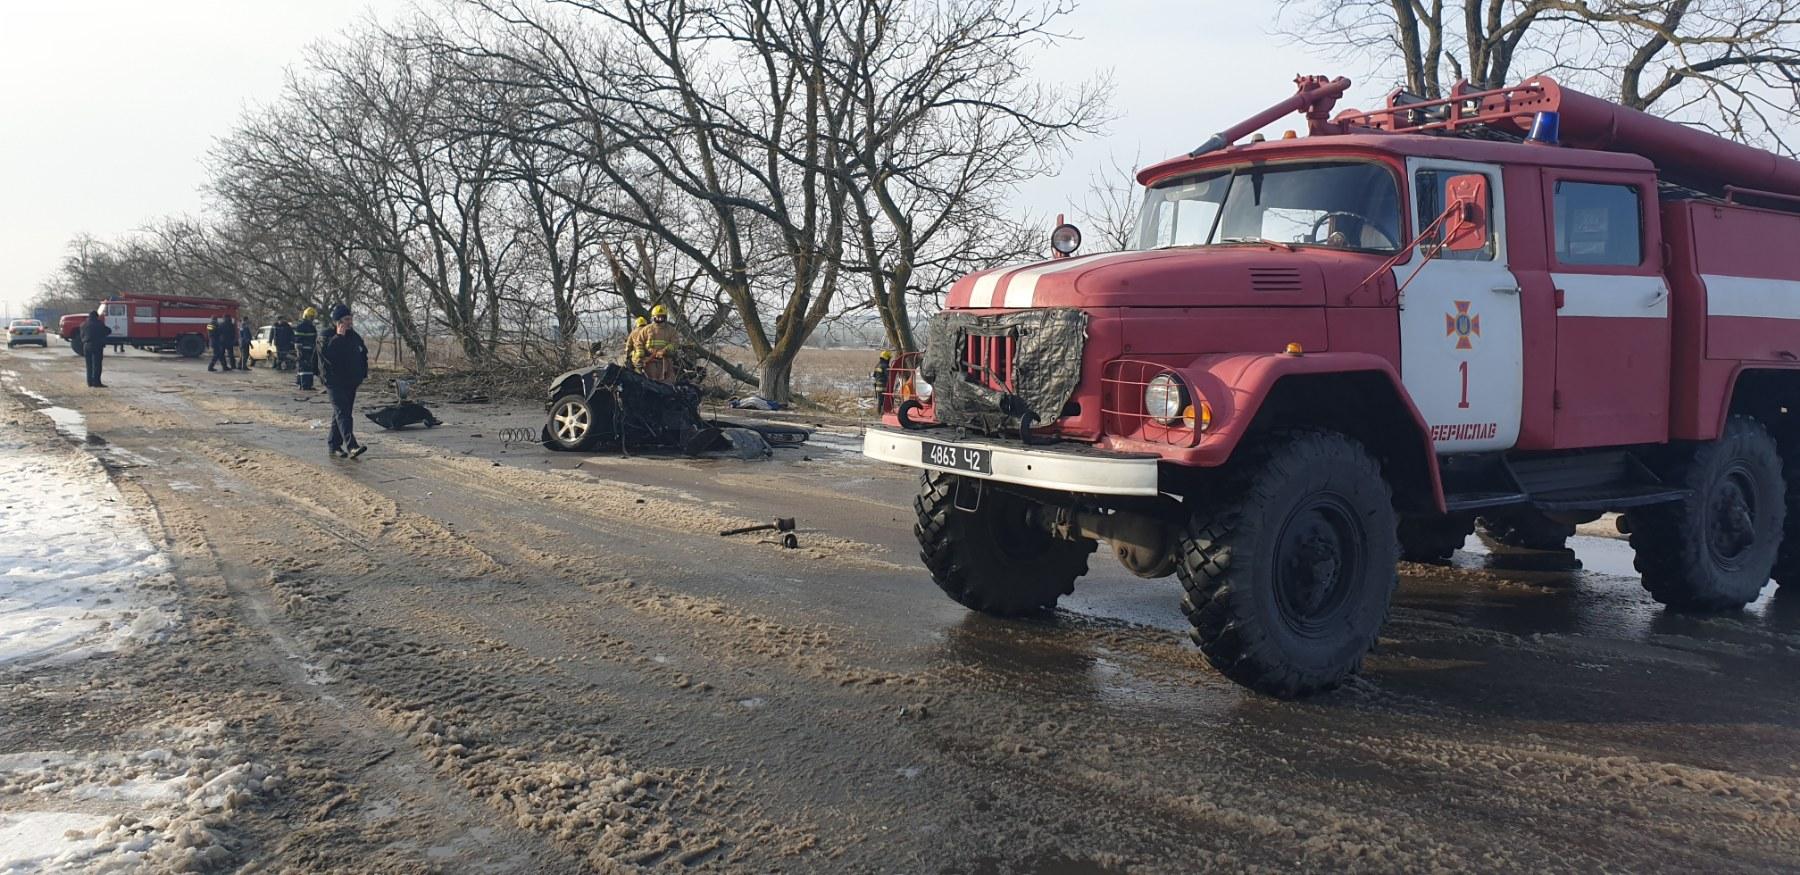 Авто разорвало пополам: в ДТП на Херсонщине погибли два человека